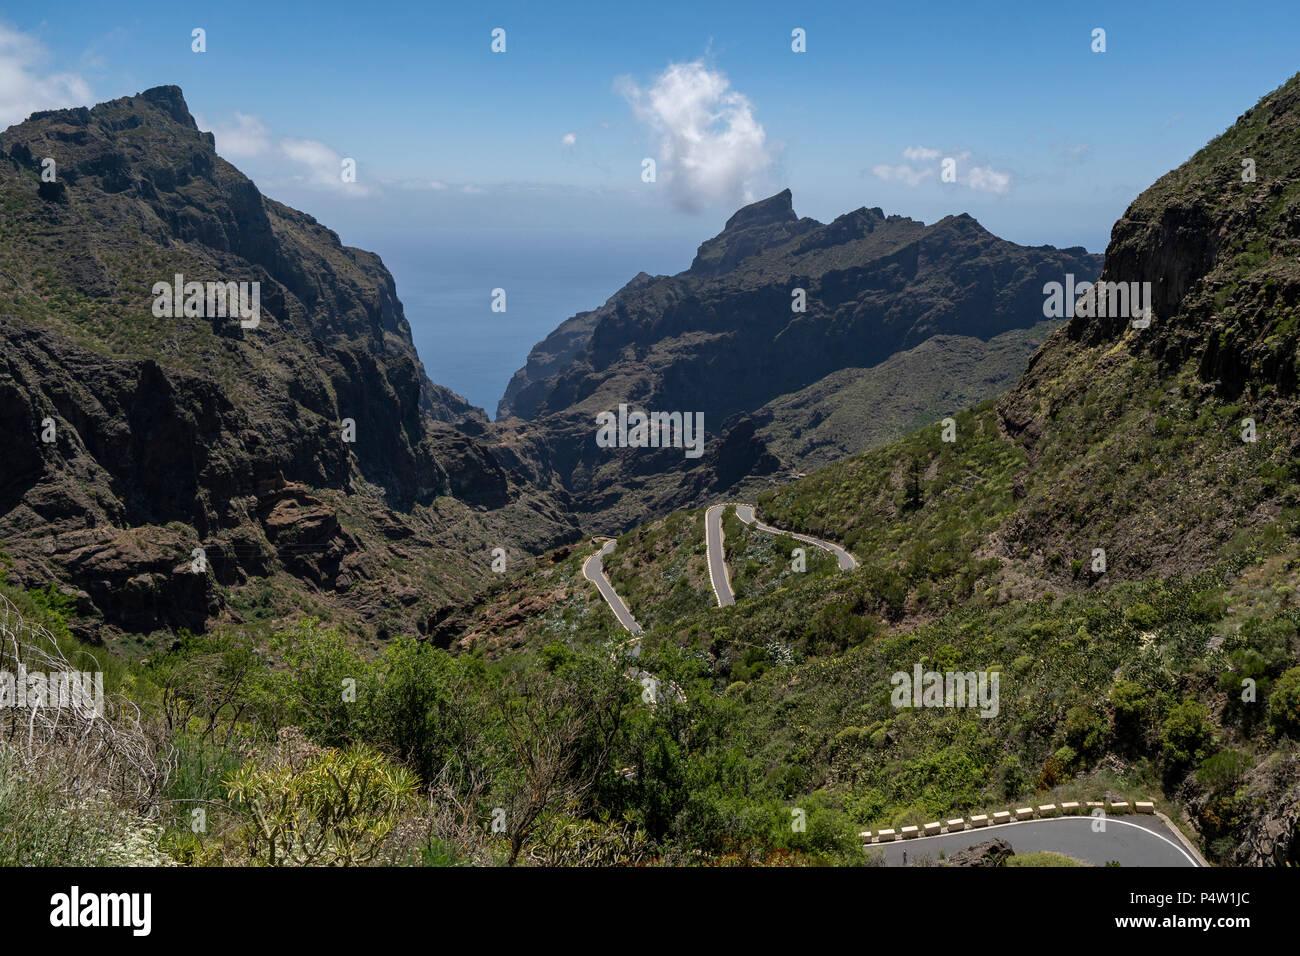 Teno Gebirge, Teneriffa. TF-436, einer der schönsten Straße der Welt im westlichen Teil von Teneriffa, Santiago del Teide, Masca link Stockbild